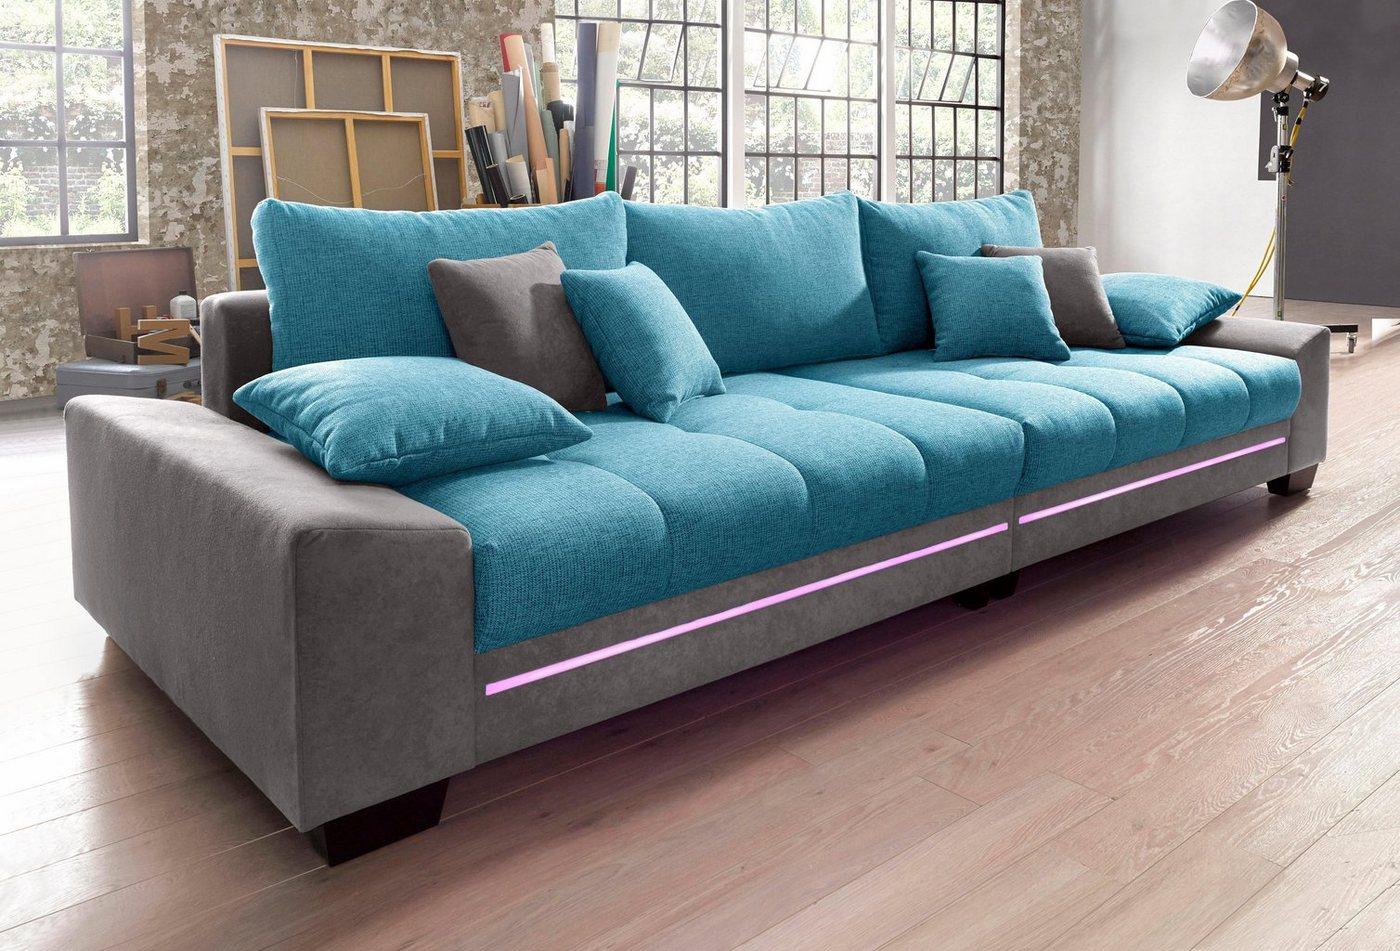 chucks converse t rkis preisvergleiche erfahrungsberichte und kauf bei nextag. Black Bedroom Furniture Sets. Home Design Ideas